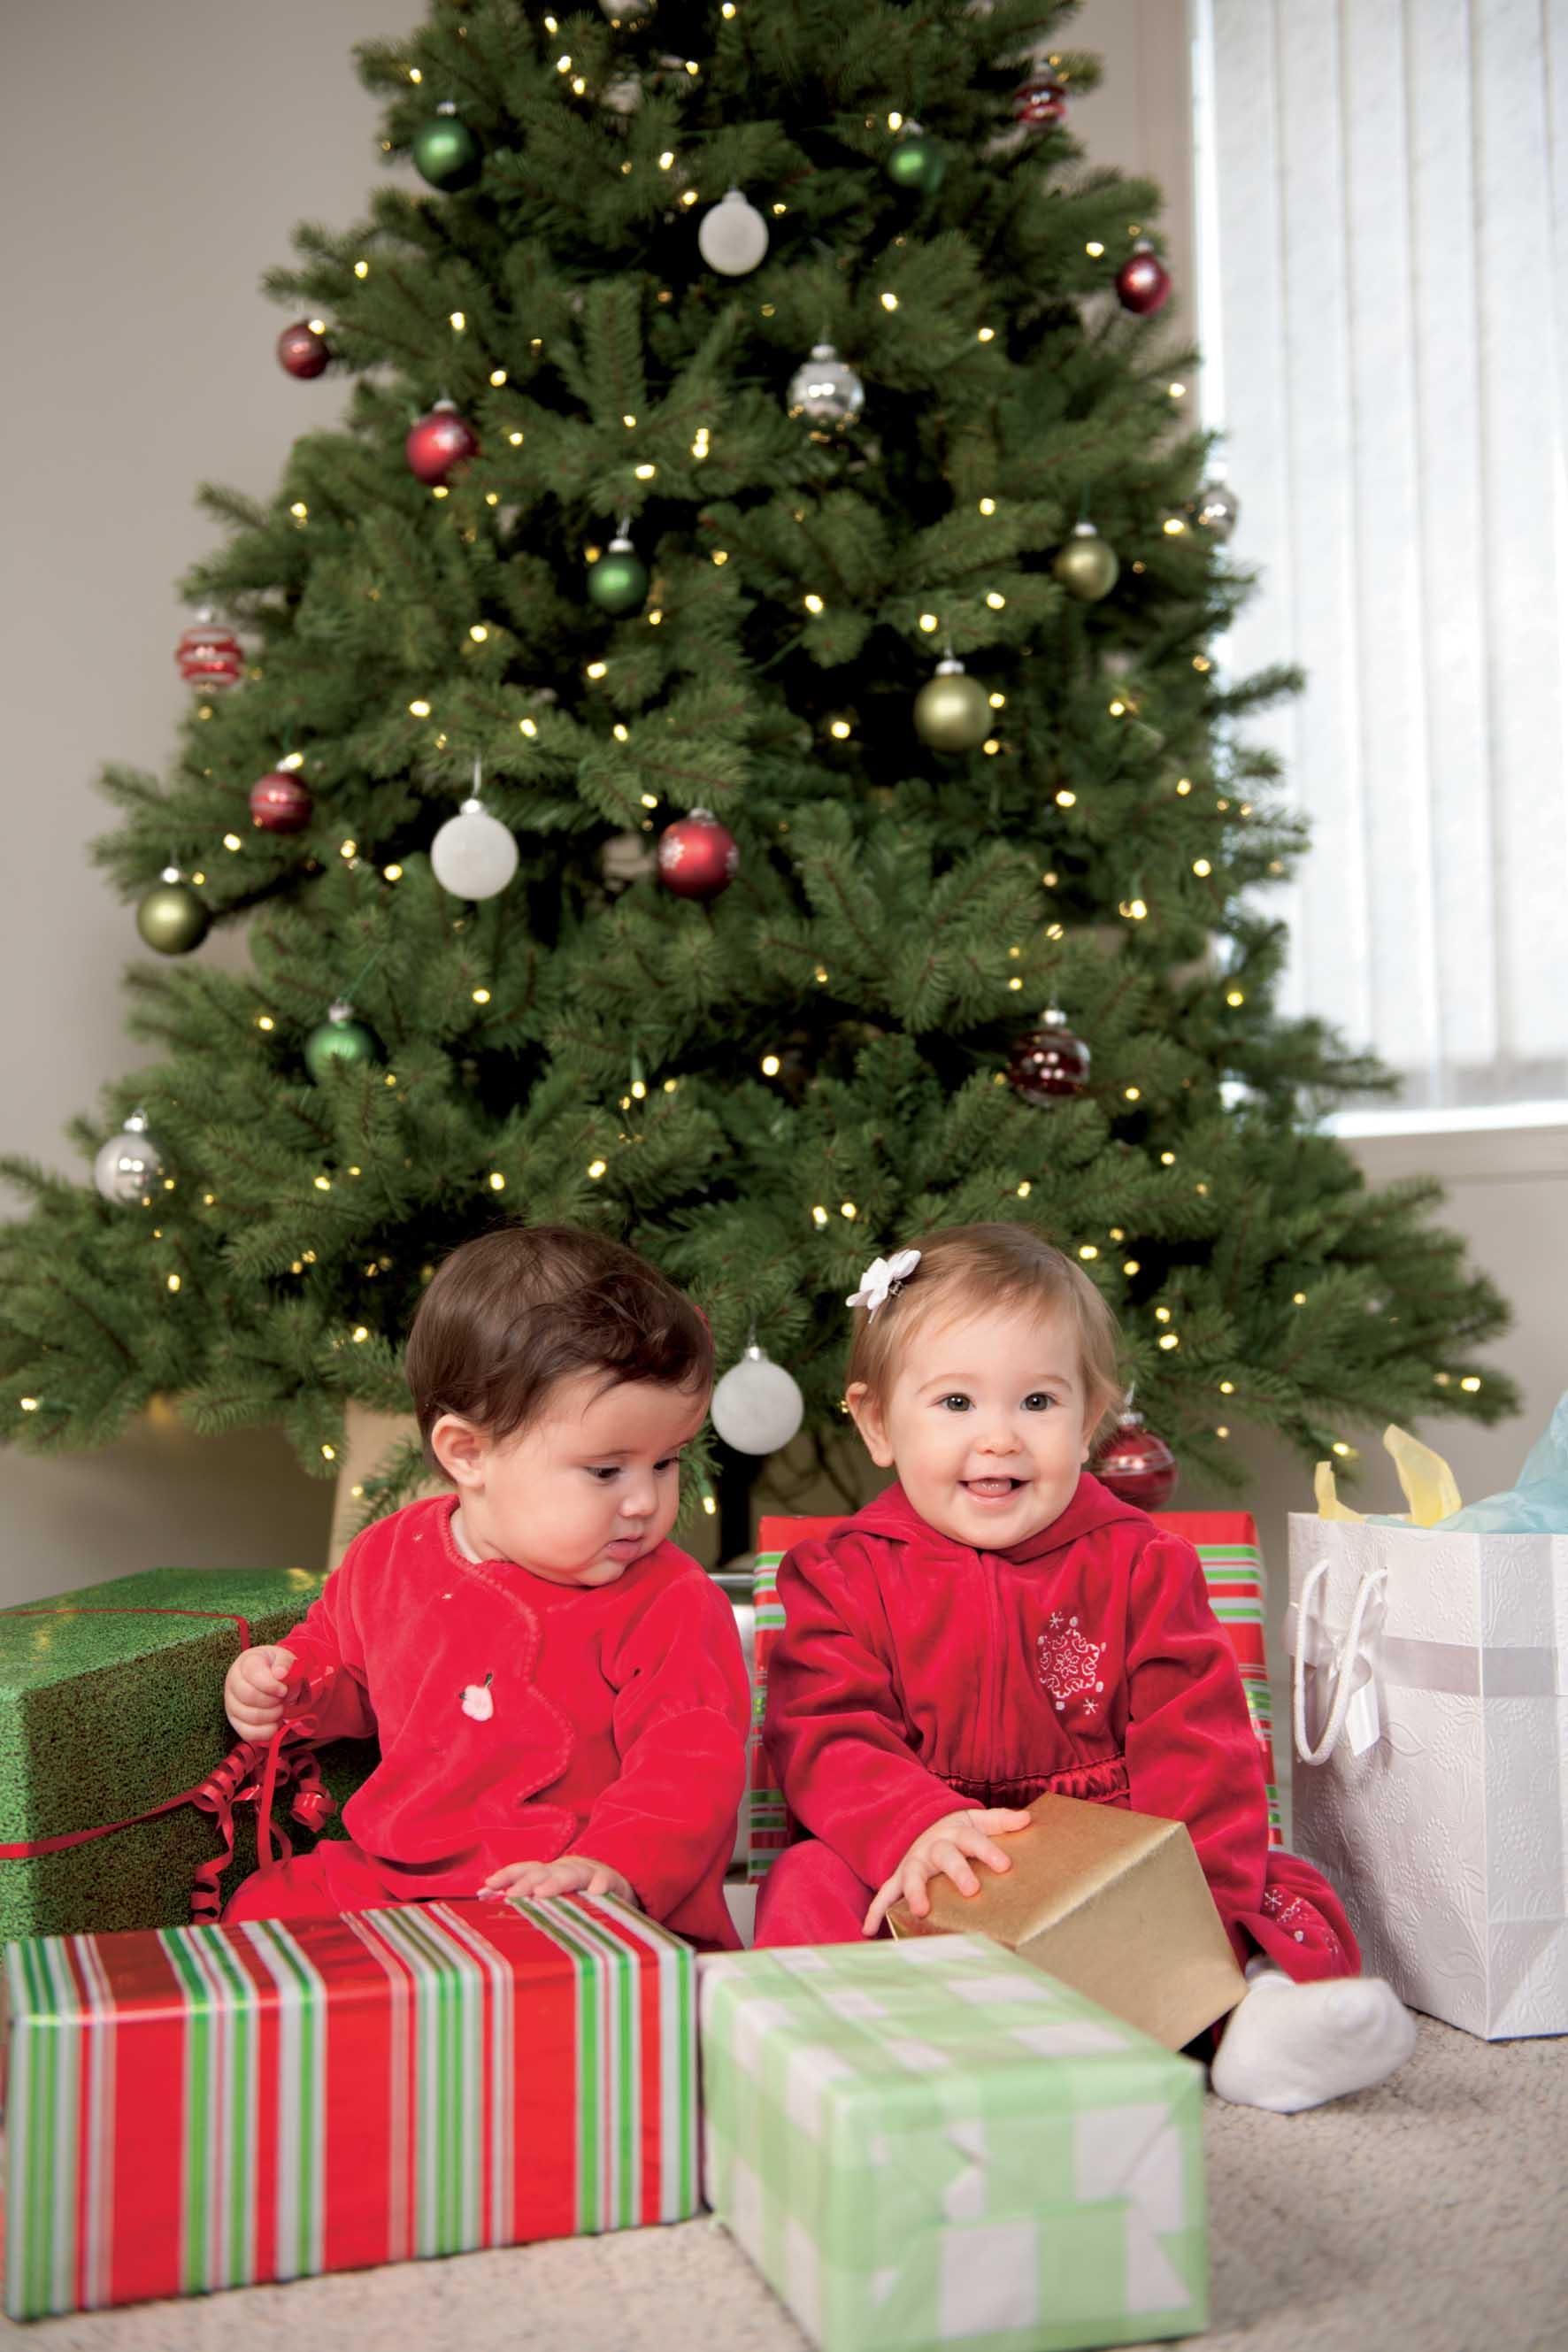 Bambini regali albero natale foto by shutterstock 1